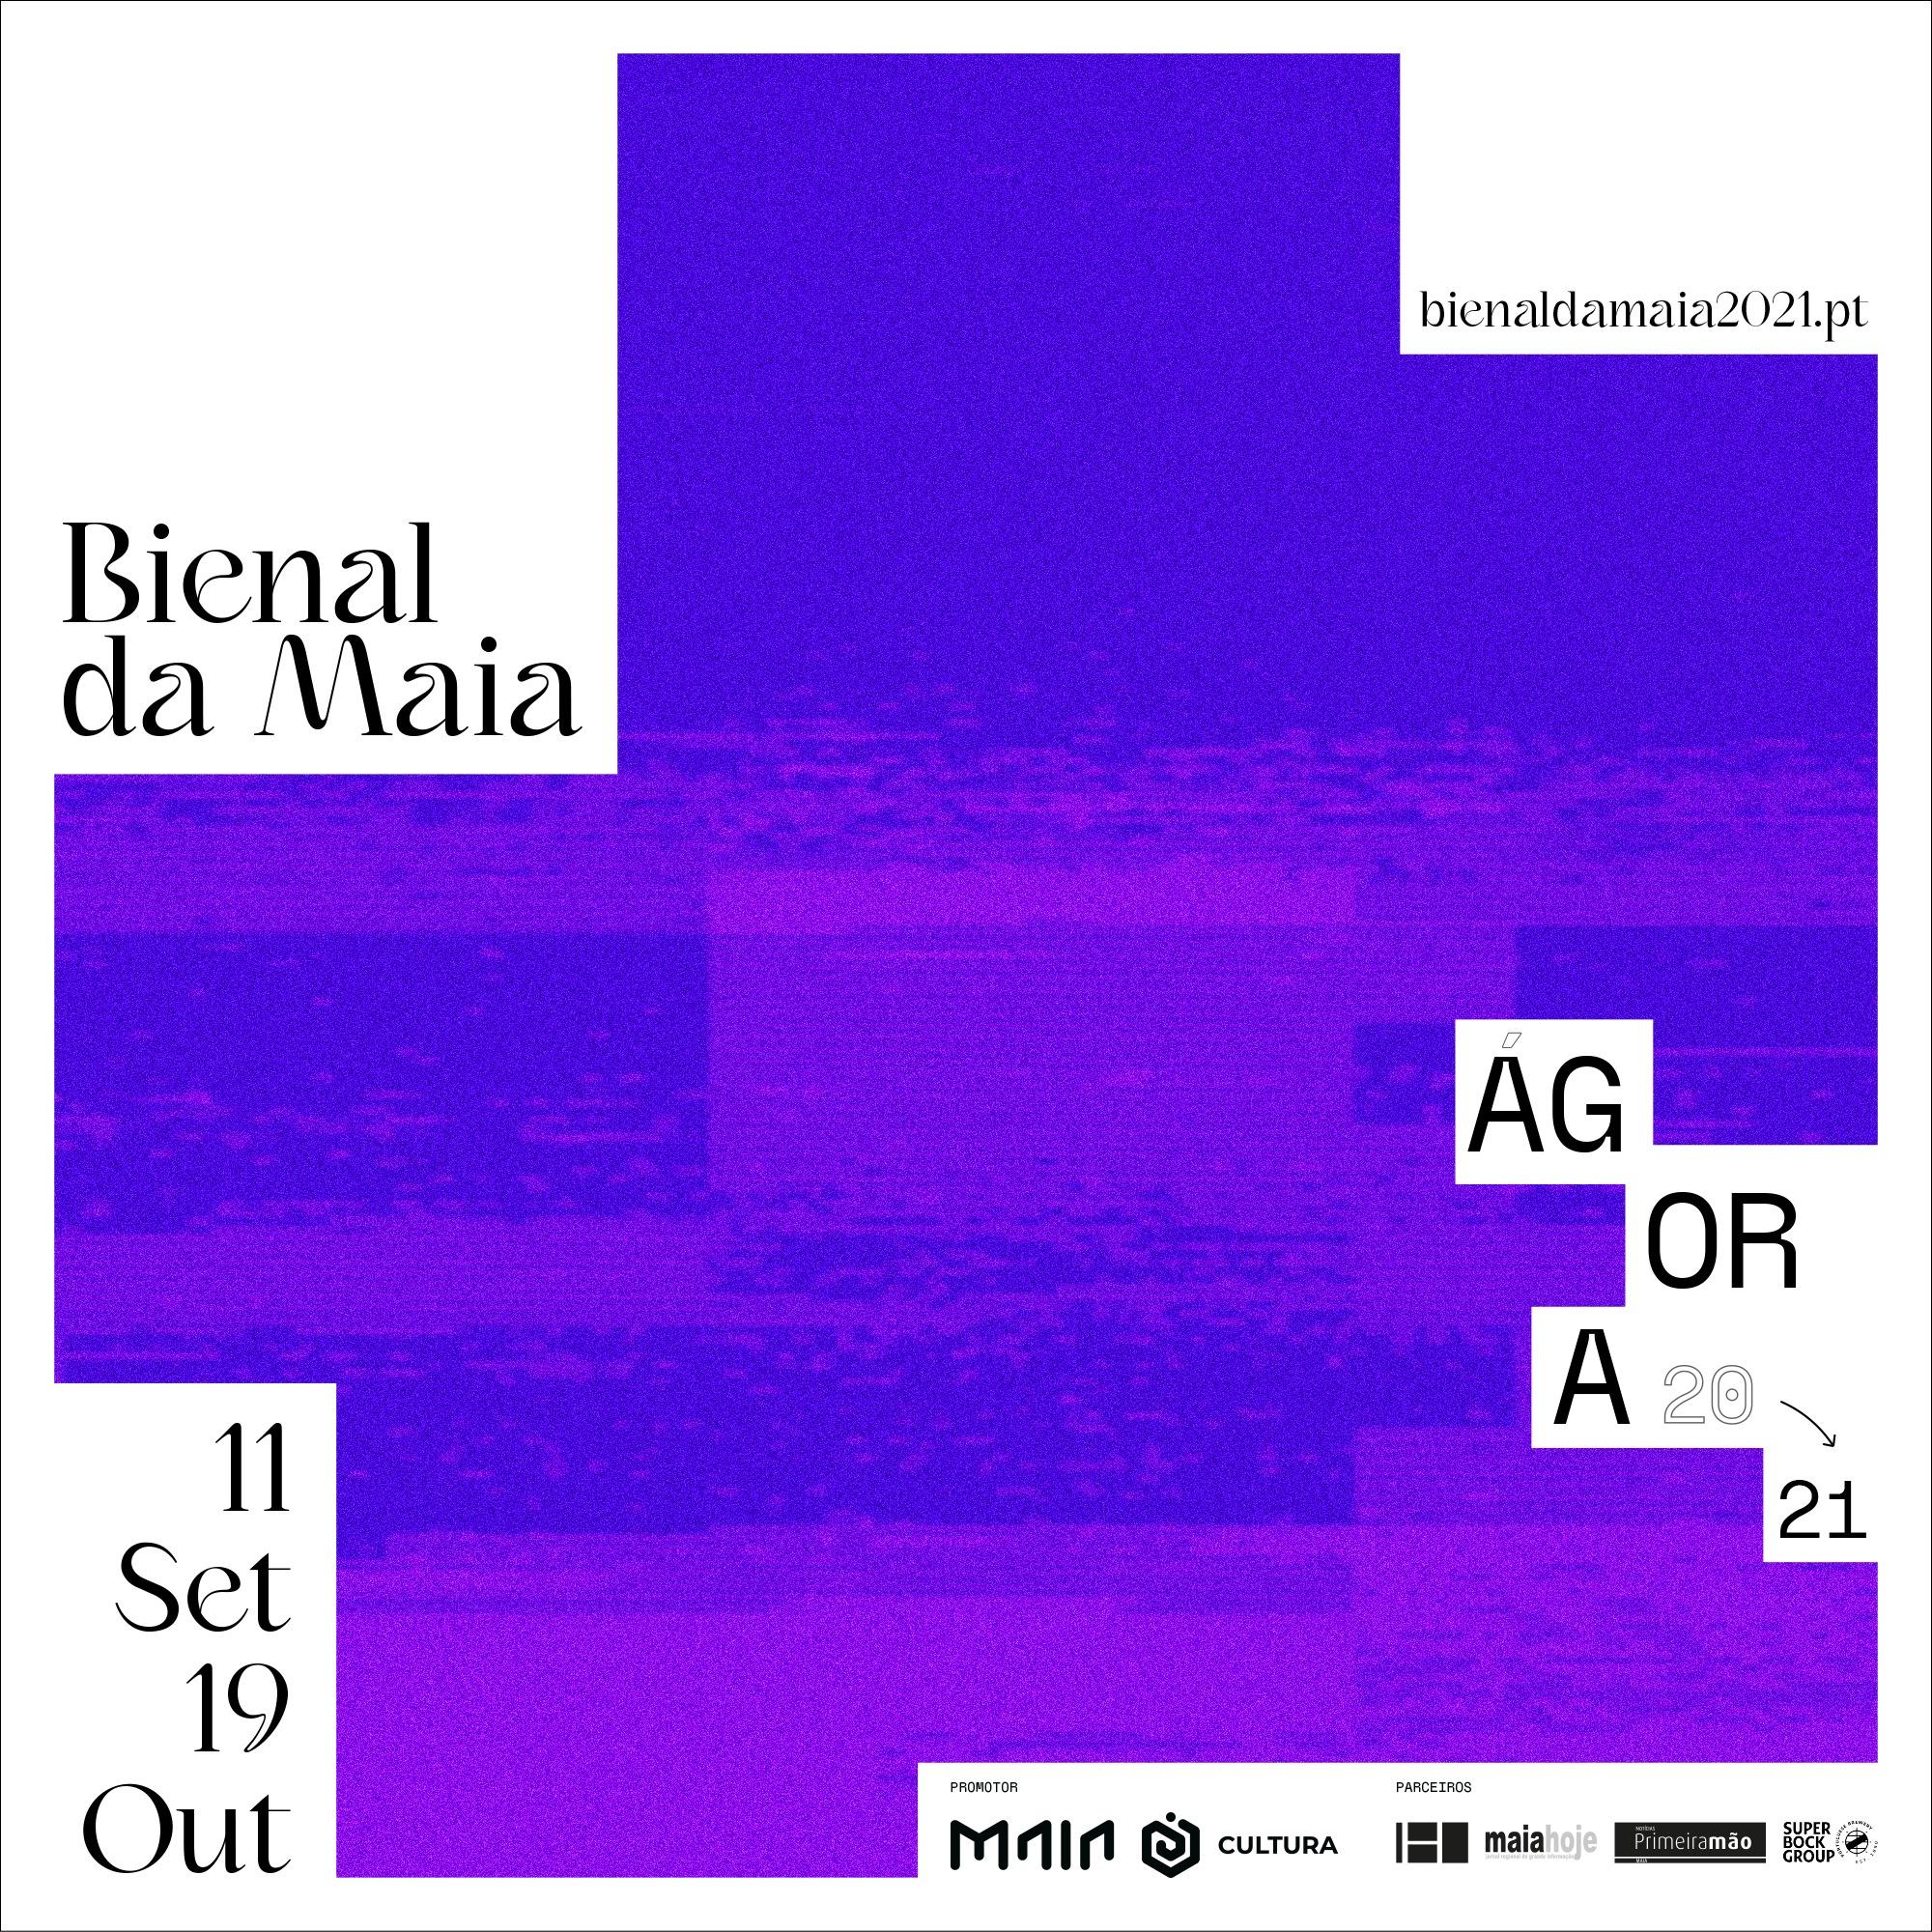 VISITA-OFICINA EXPOSIÇÃO 'ÁGORA' - Bienal de Arte Contemporânea da Maia